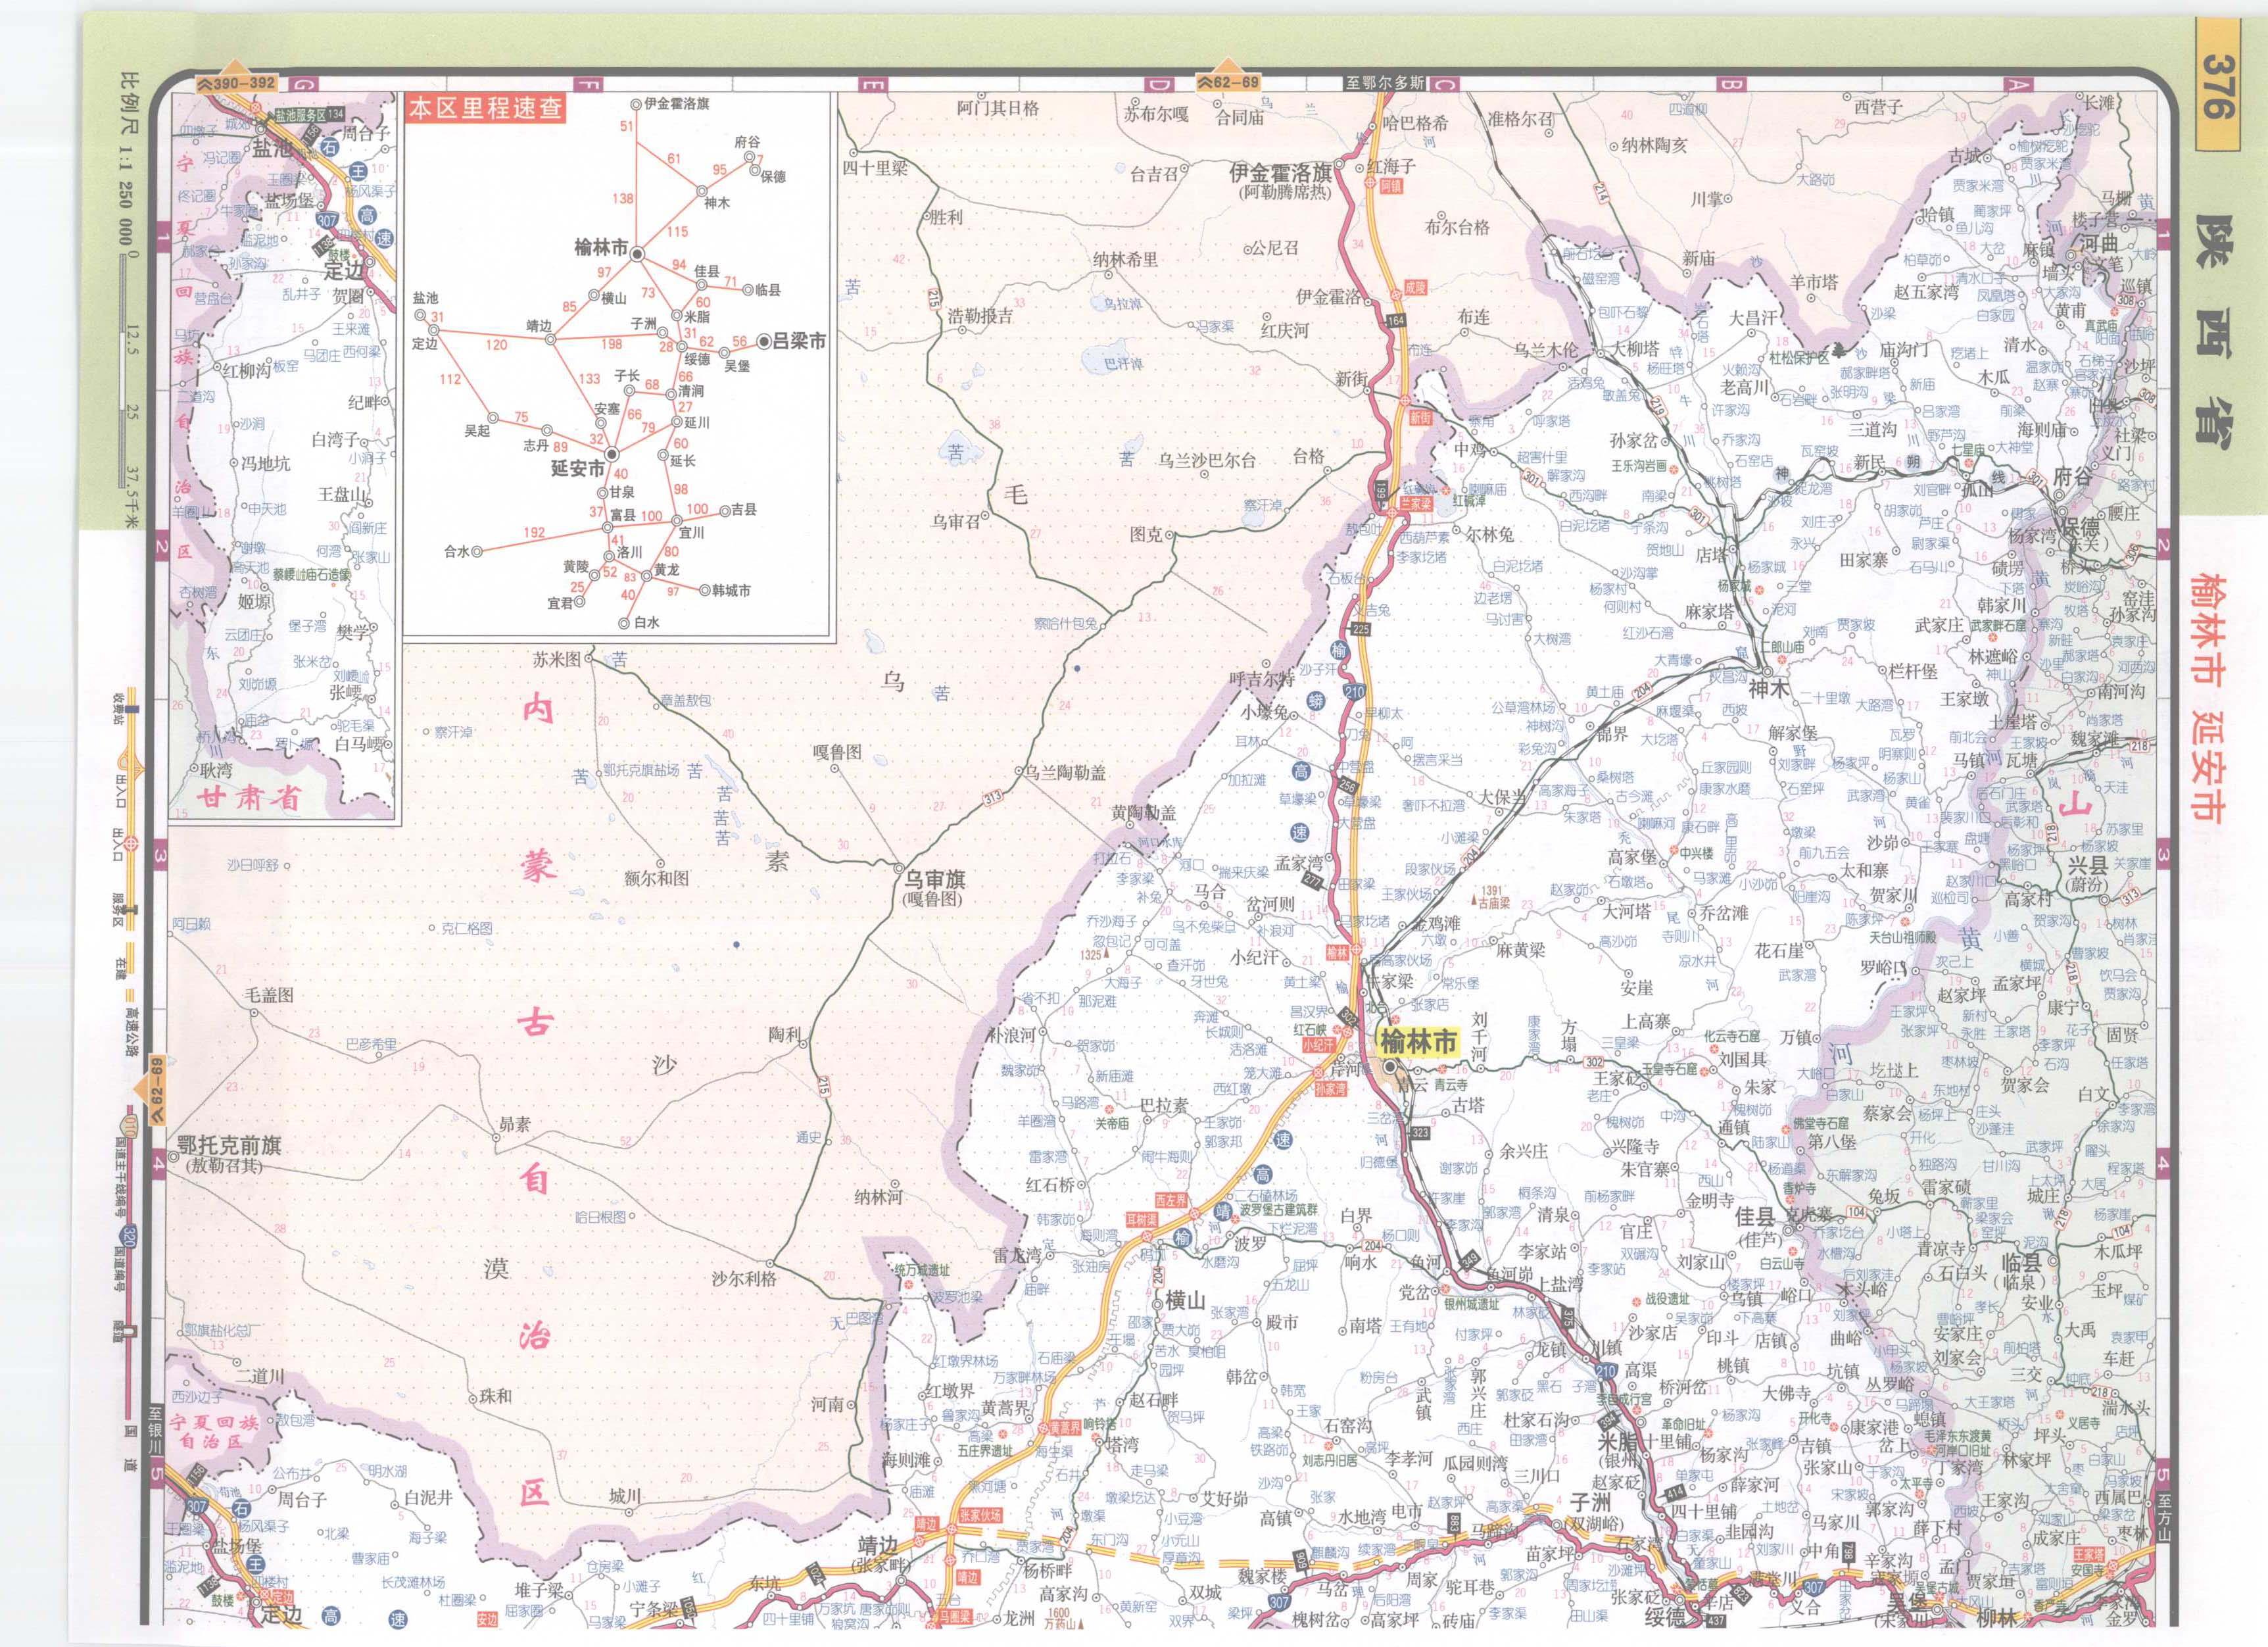 陕西省榆林市延安市高速公路网地图